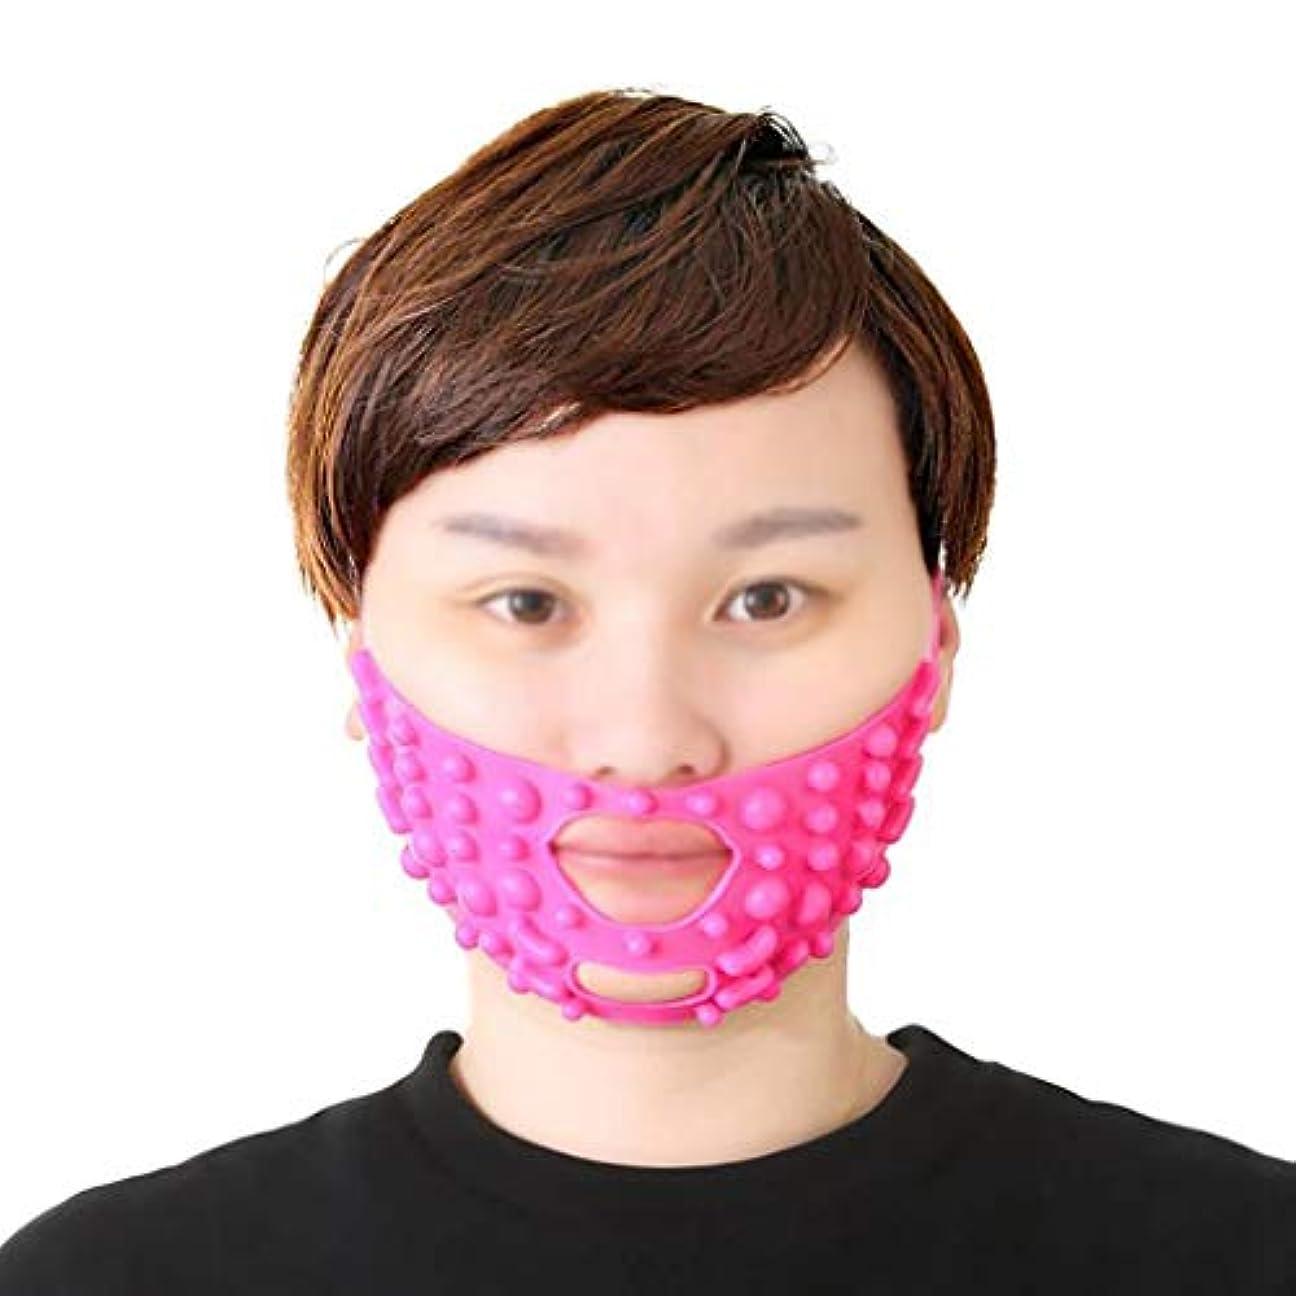 抜粋倒産思慮深いGLJJQMY 顔の持ち上がるマスクのあごのリボンのシリコーンVのマスクのマスク強力な包帯Vの表面の人工物小さいVの顔の包帯顔および首の持ち上がるピンクのシリコーンの包帯 顔用整形マスク